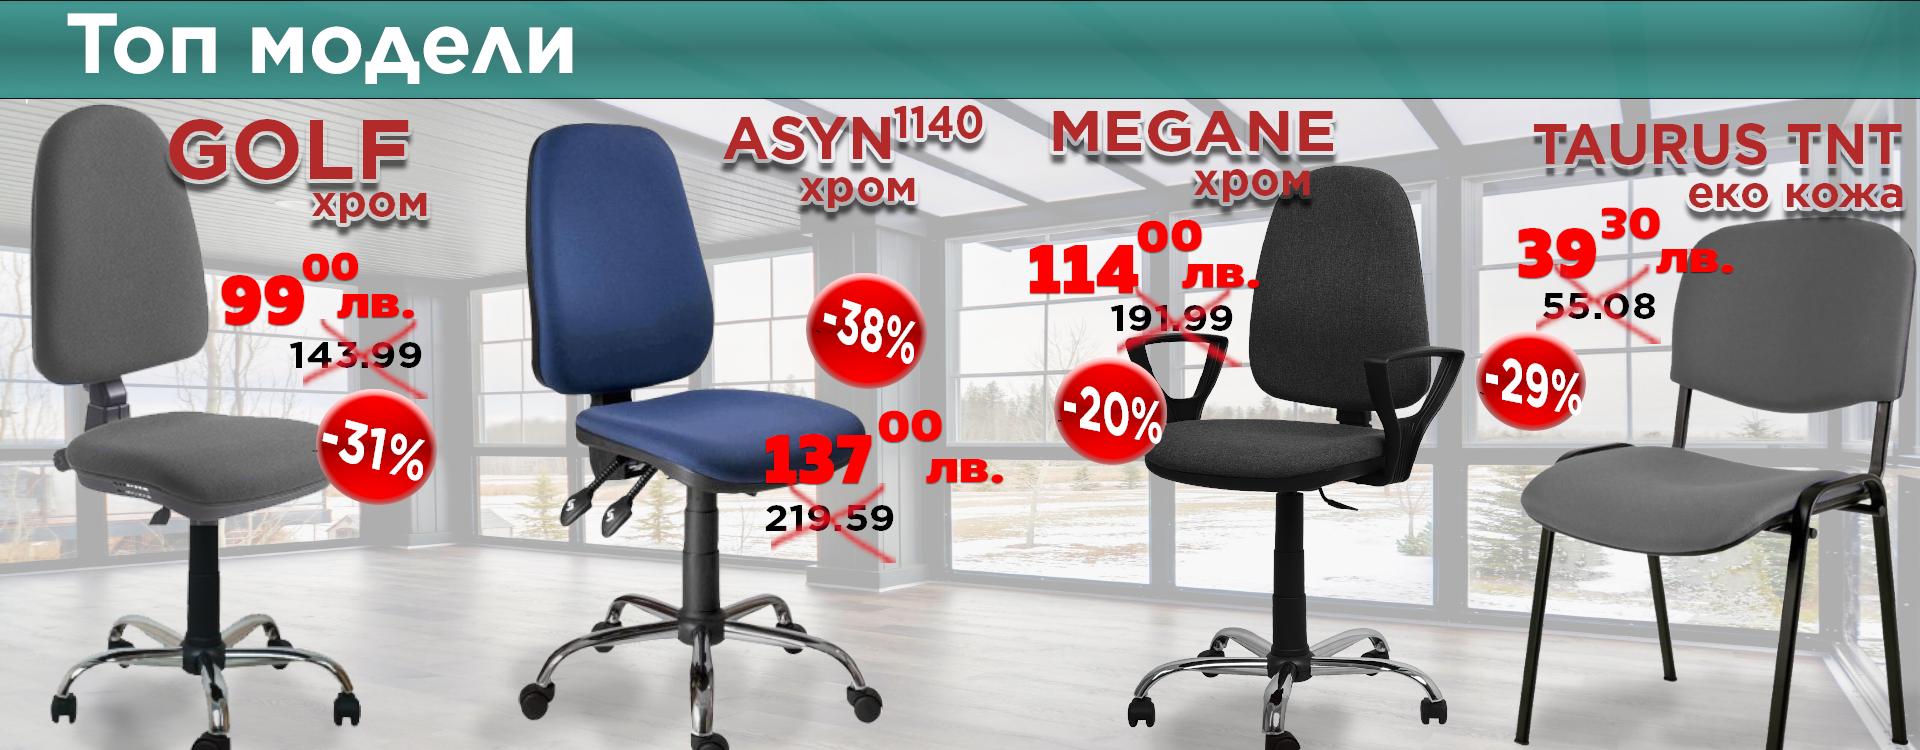 Работни столове на най-ниски цени, топ модели